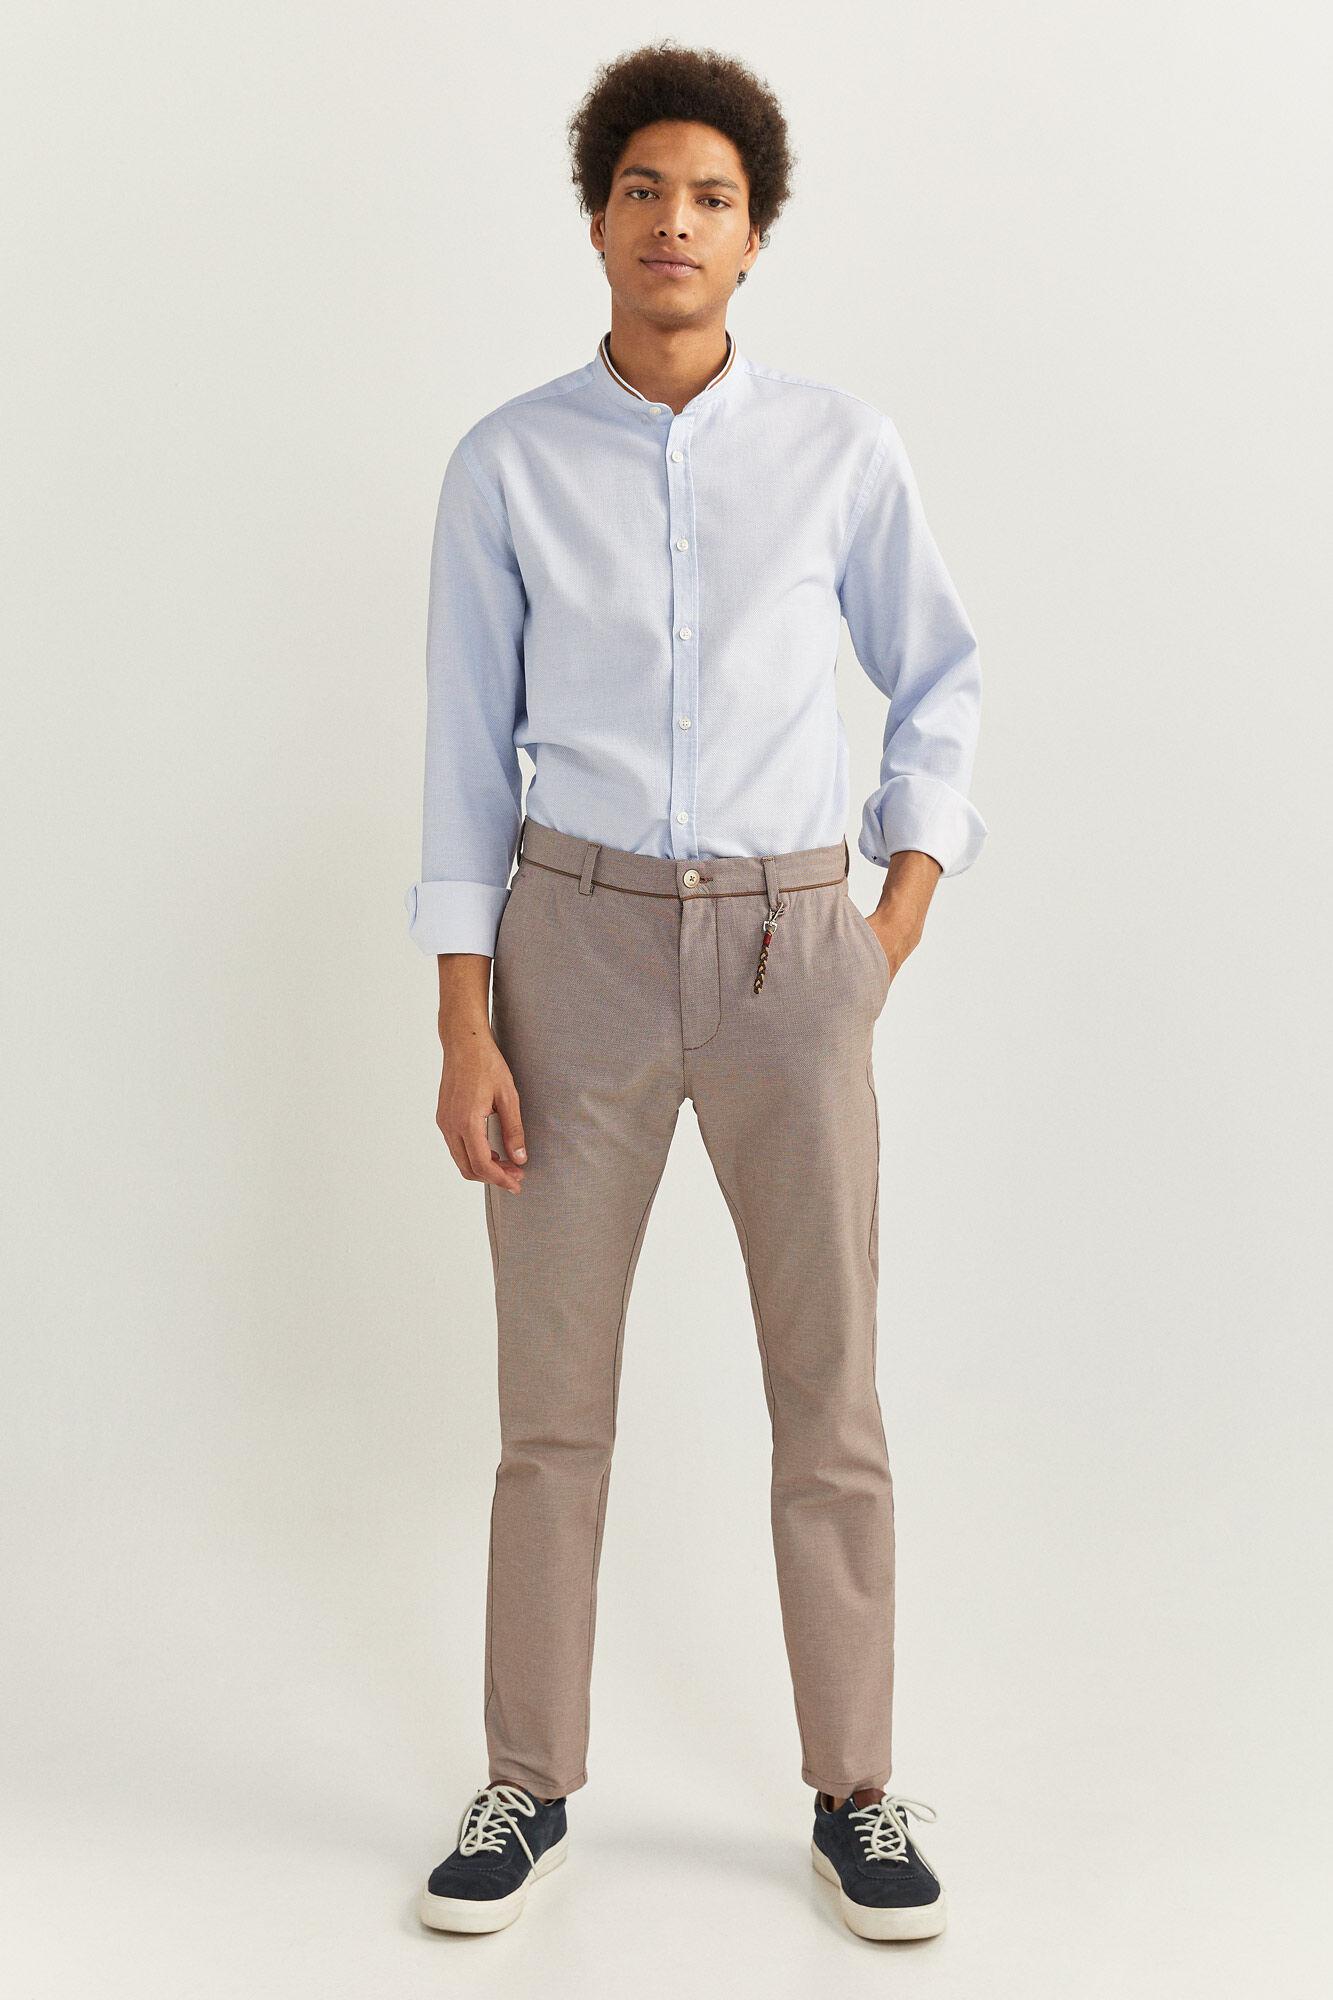 Detalles acerca de Nuevo Con Etiquetas Zara Man chino pantalones ajustados color caqui Tamaño 36 X 32 con cinturón de cuero de imitación mostrar